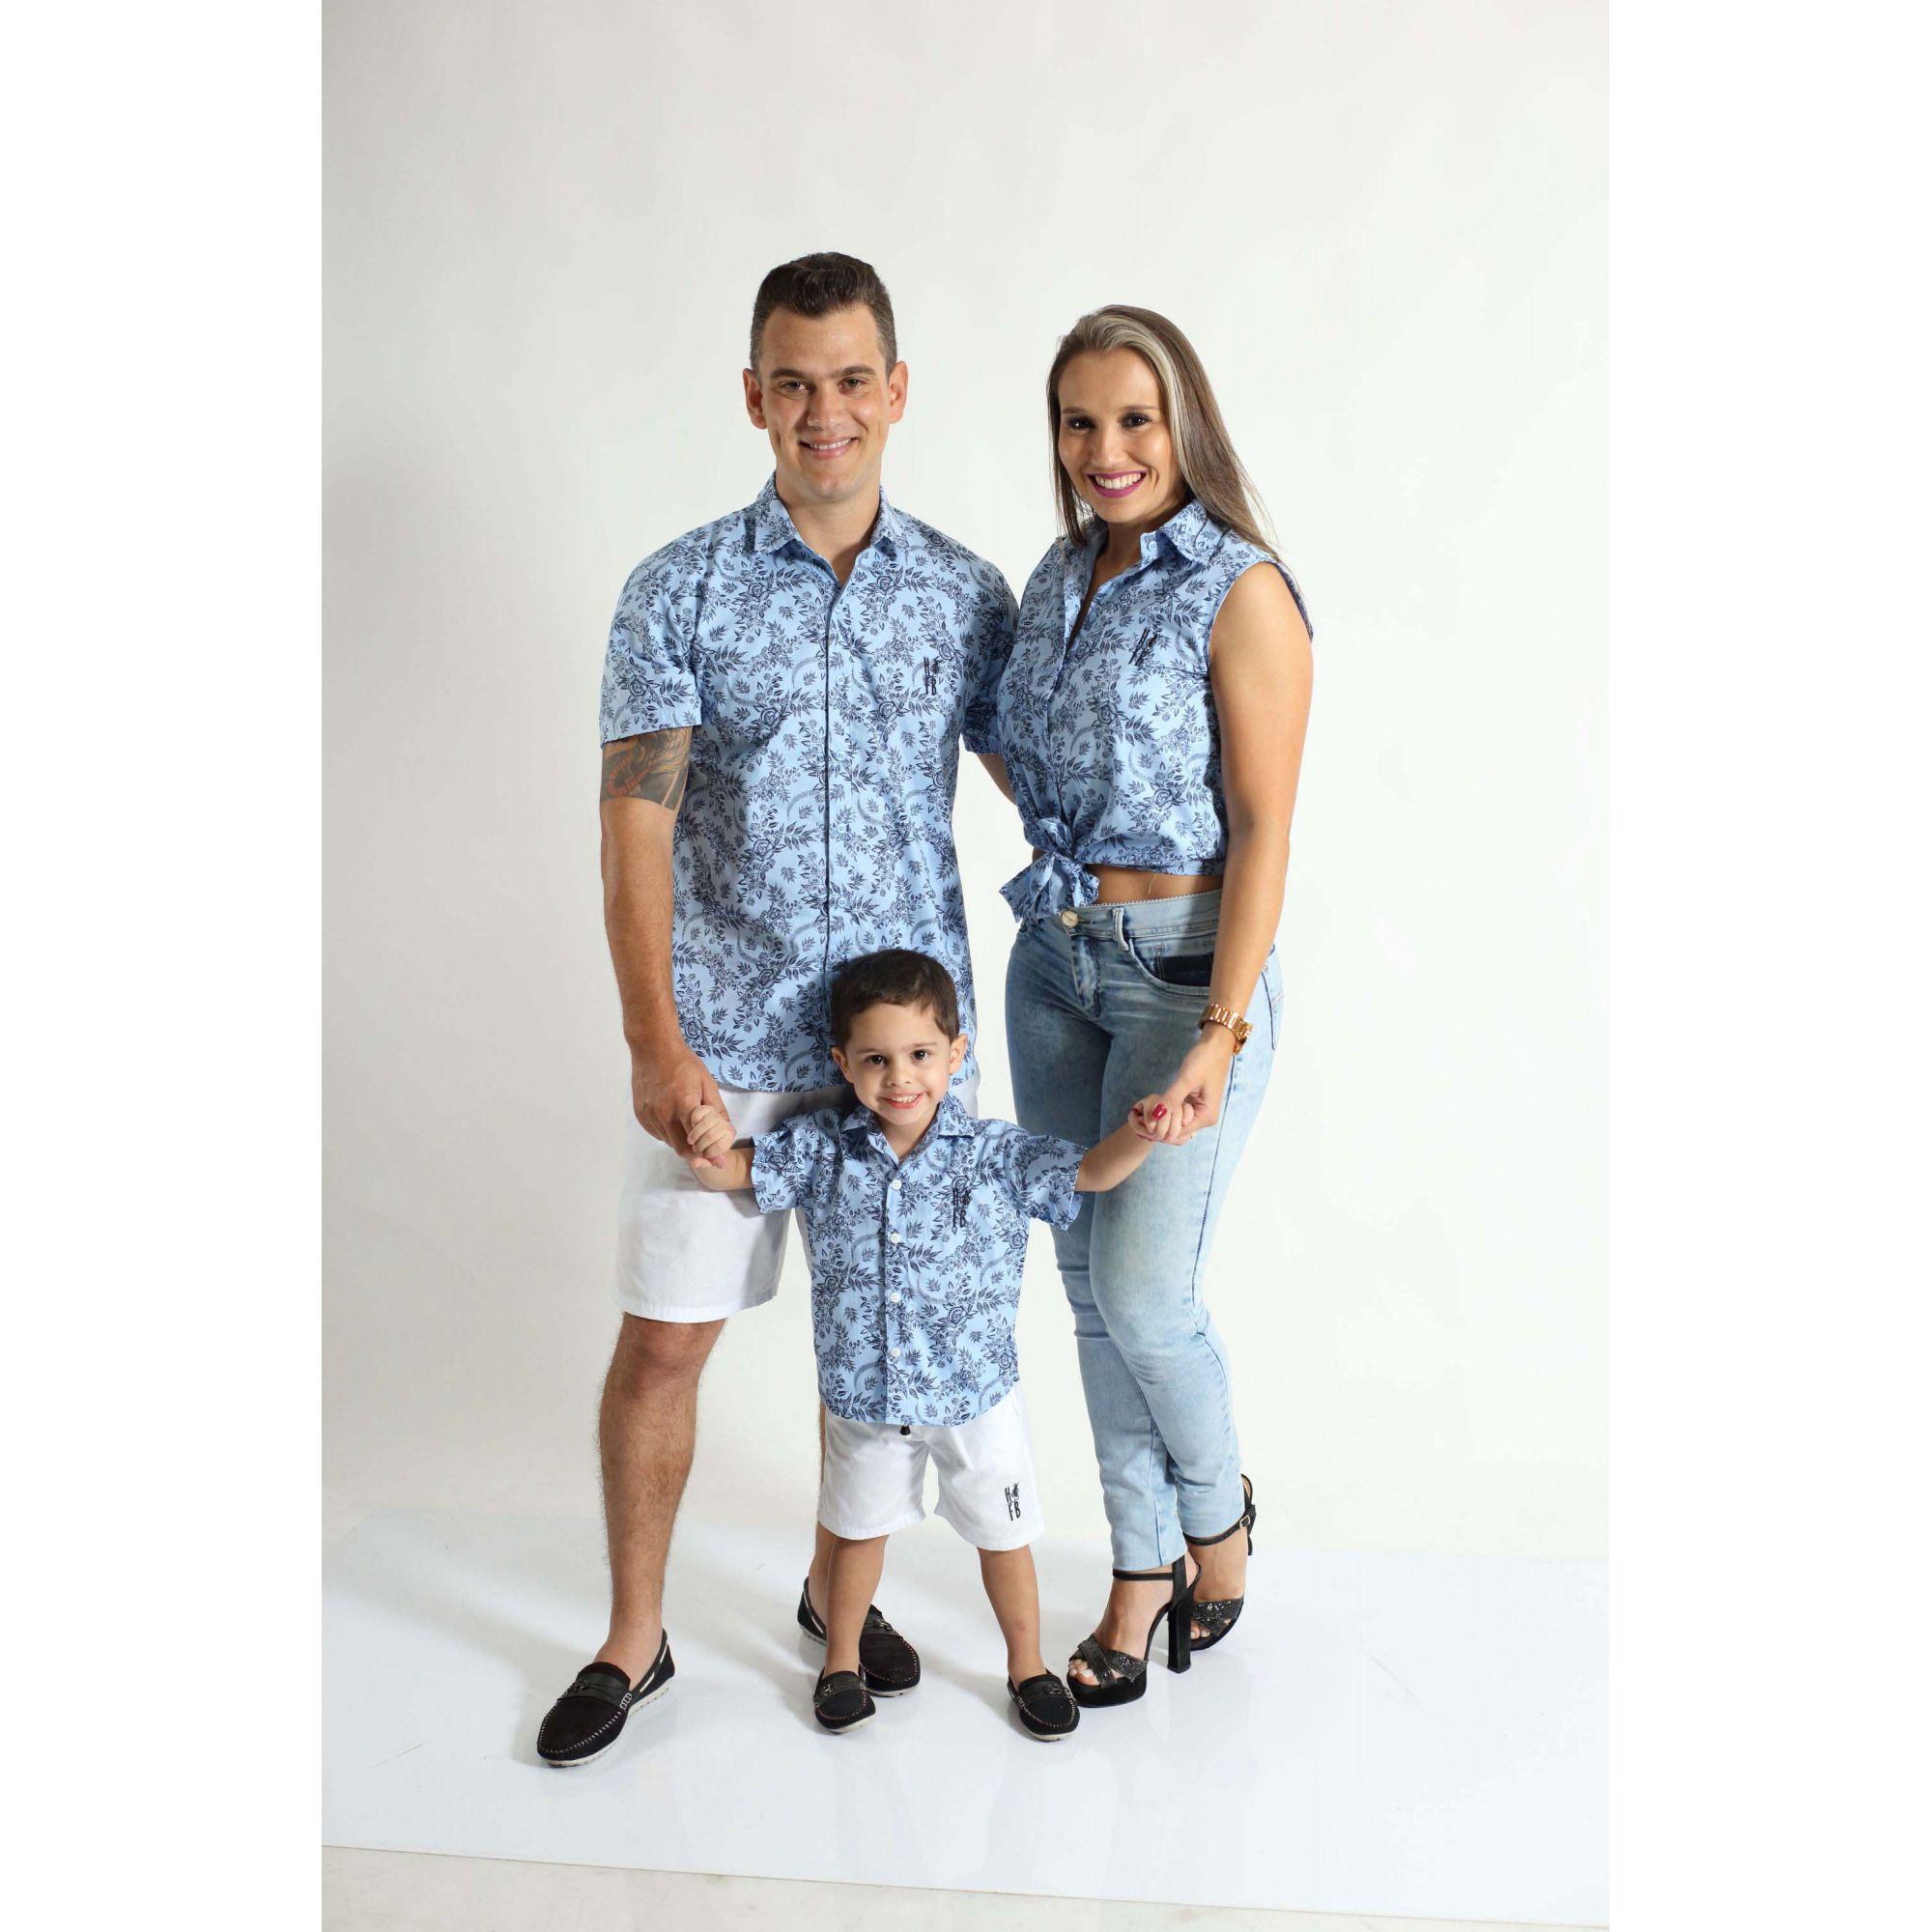 PAIS E FILHOS > Kit 3 peças Camisas Social Azul Floral [Coleção Família]  - Heitor Fashion Brazil